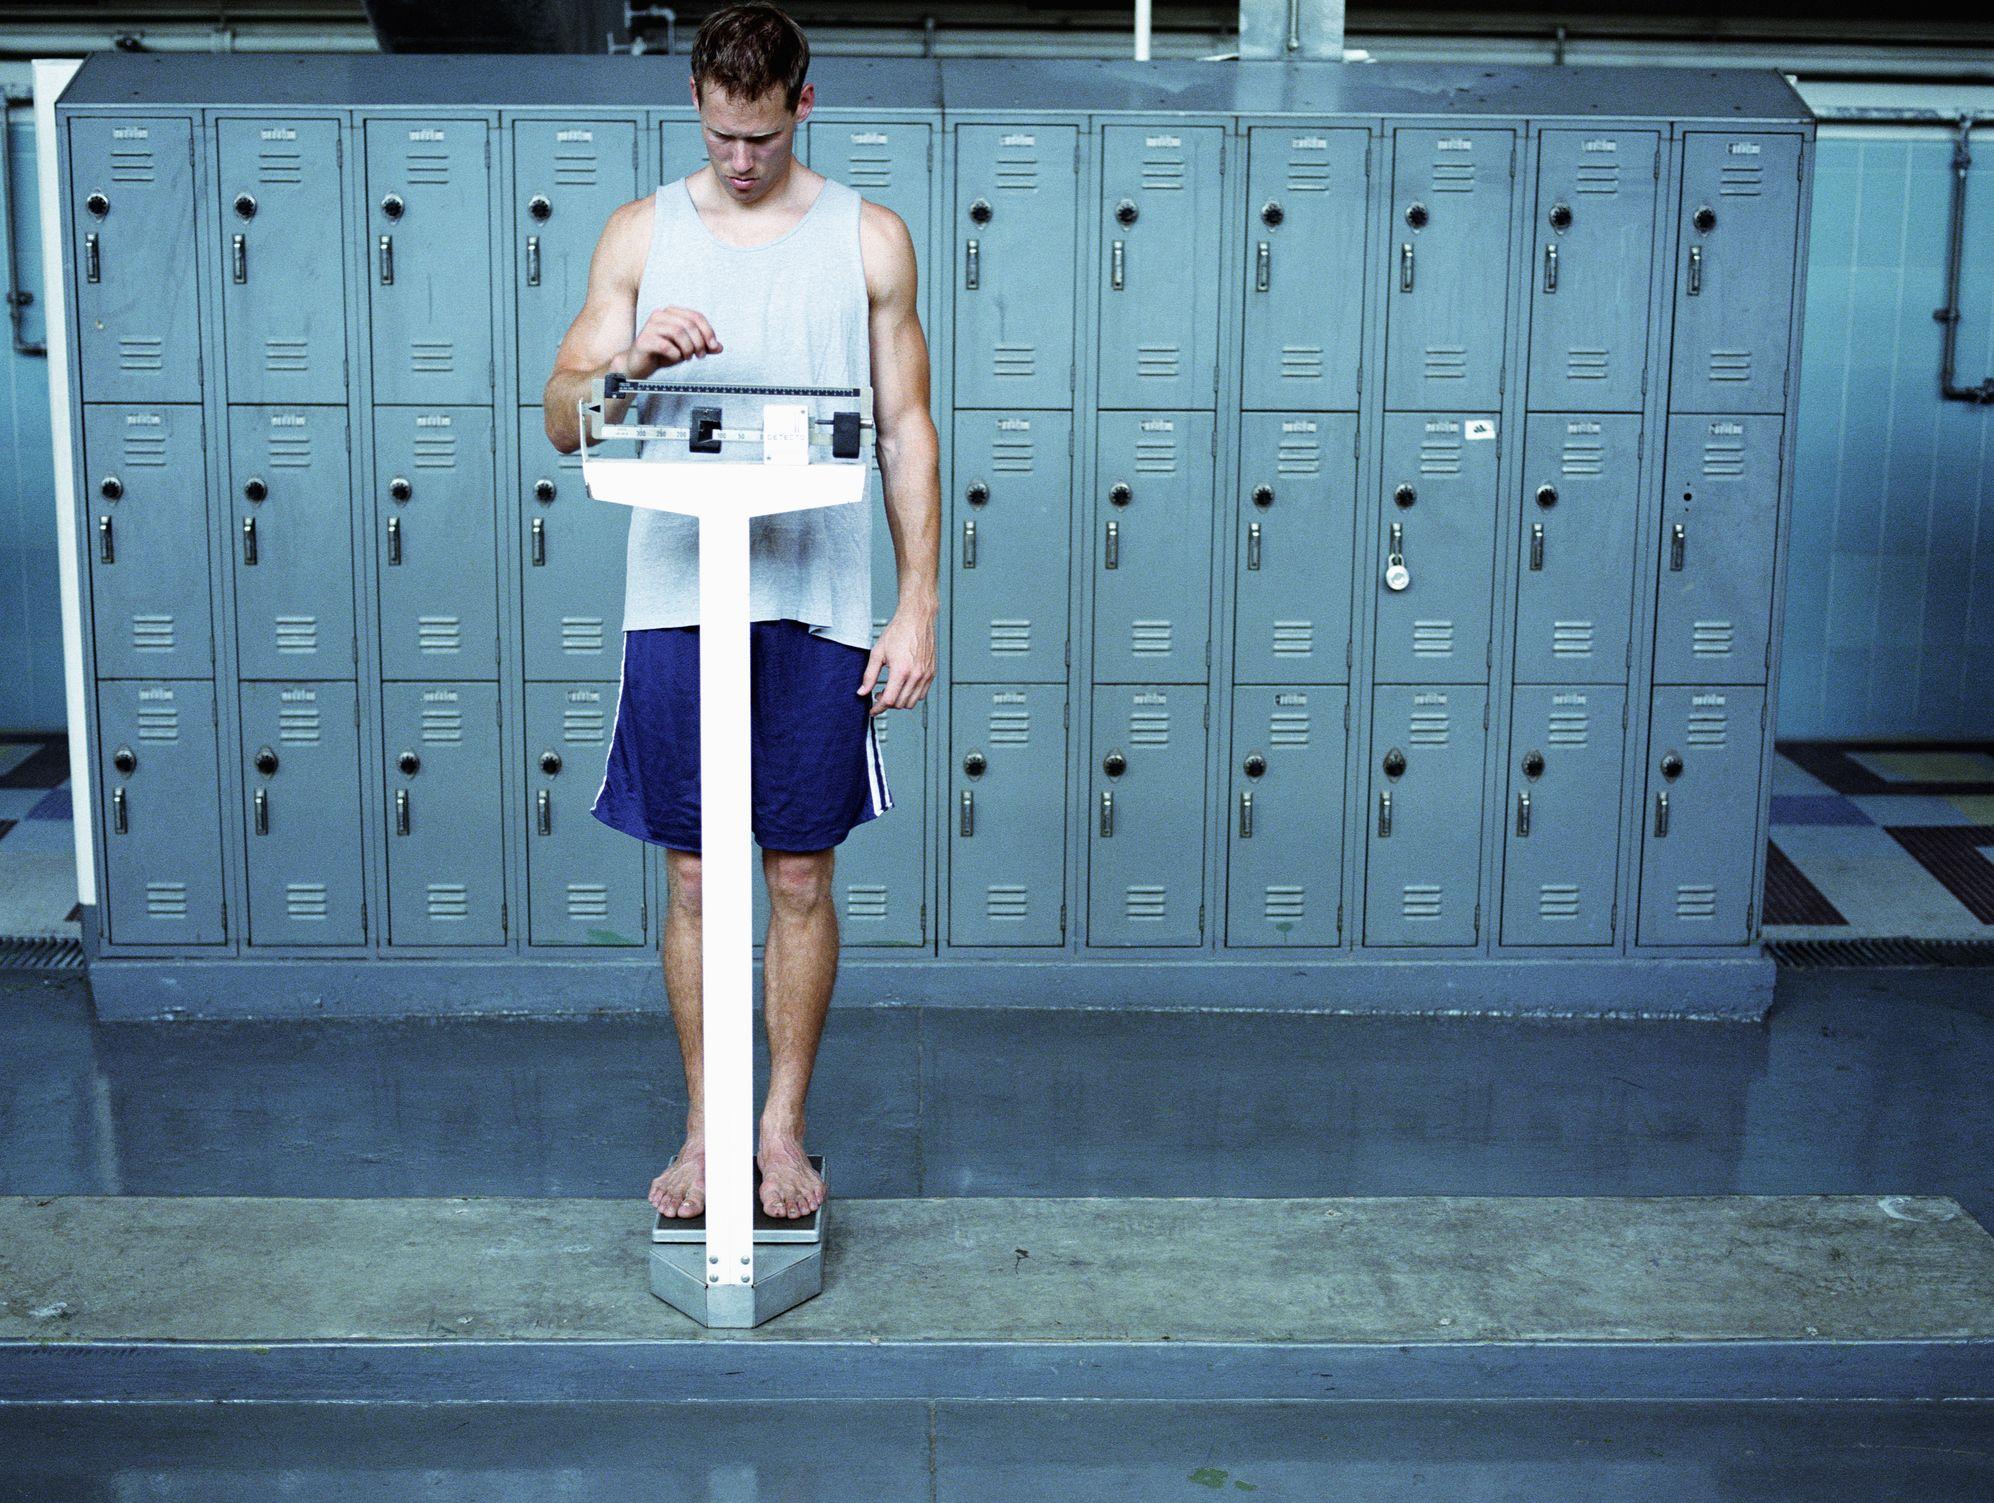 ¿Y si la clave para adelgazar definitivamente está en reducir solo un 5% de tu peso?